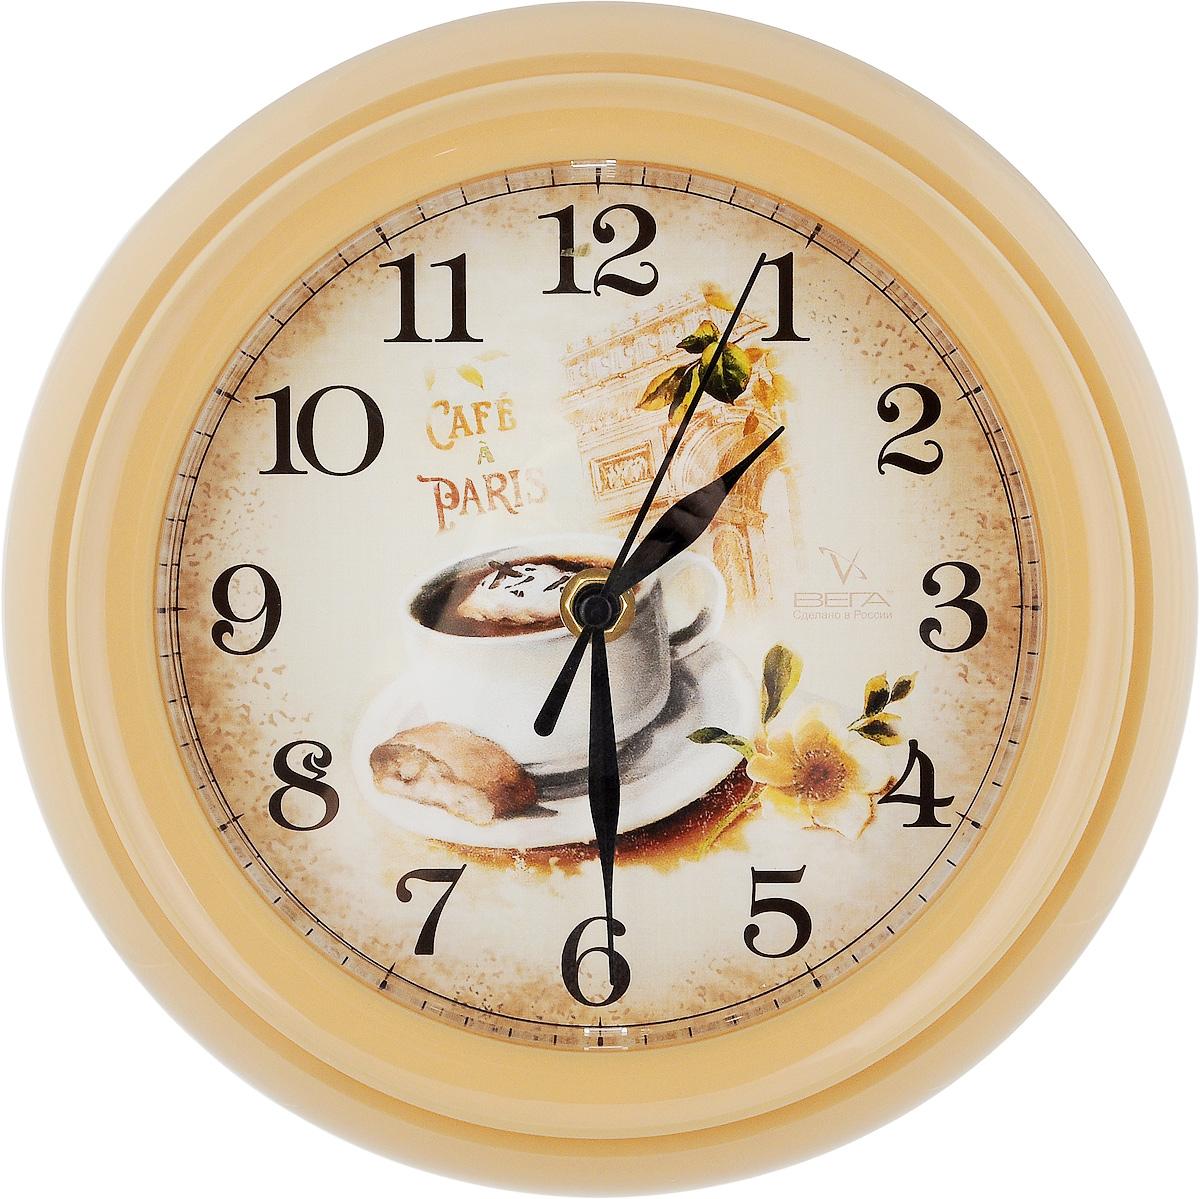 Часы настенные Вега Кофе, диаметр 22,5 см часы настенные вега классика бежевая диаметр 28 5 см